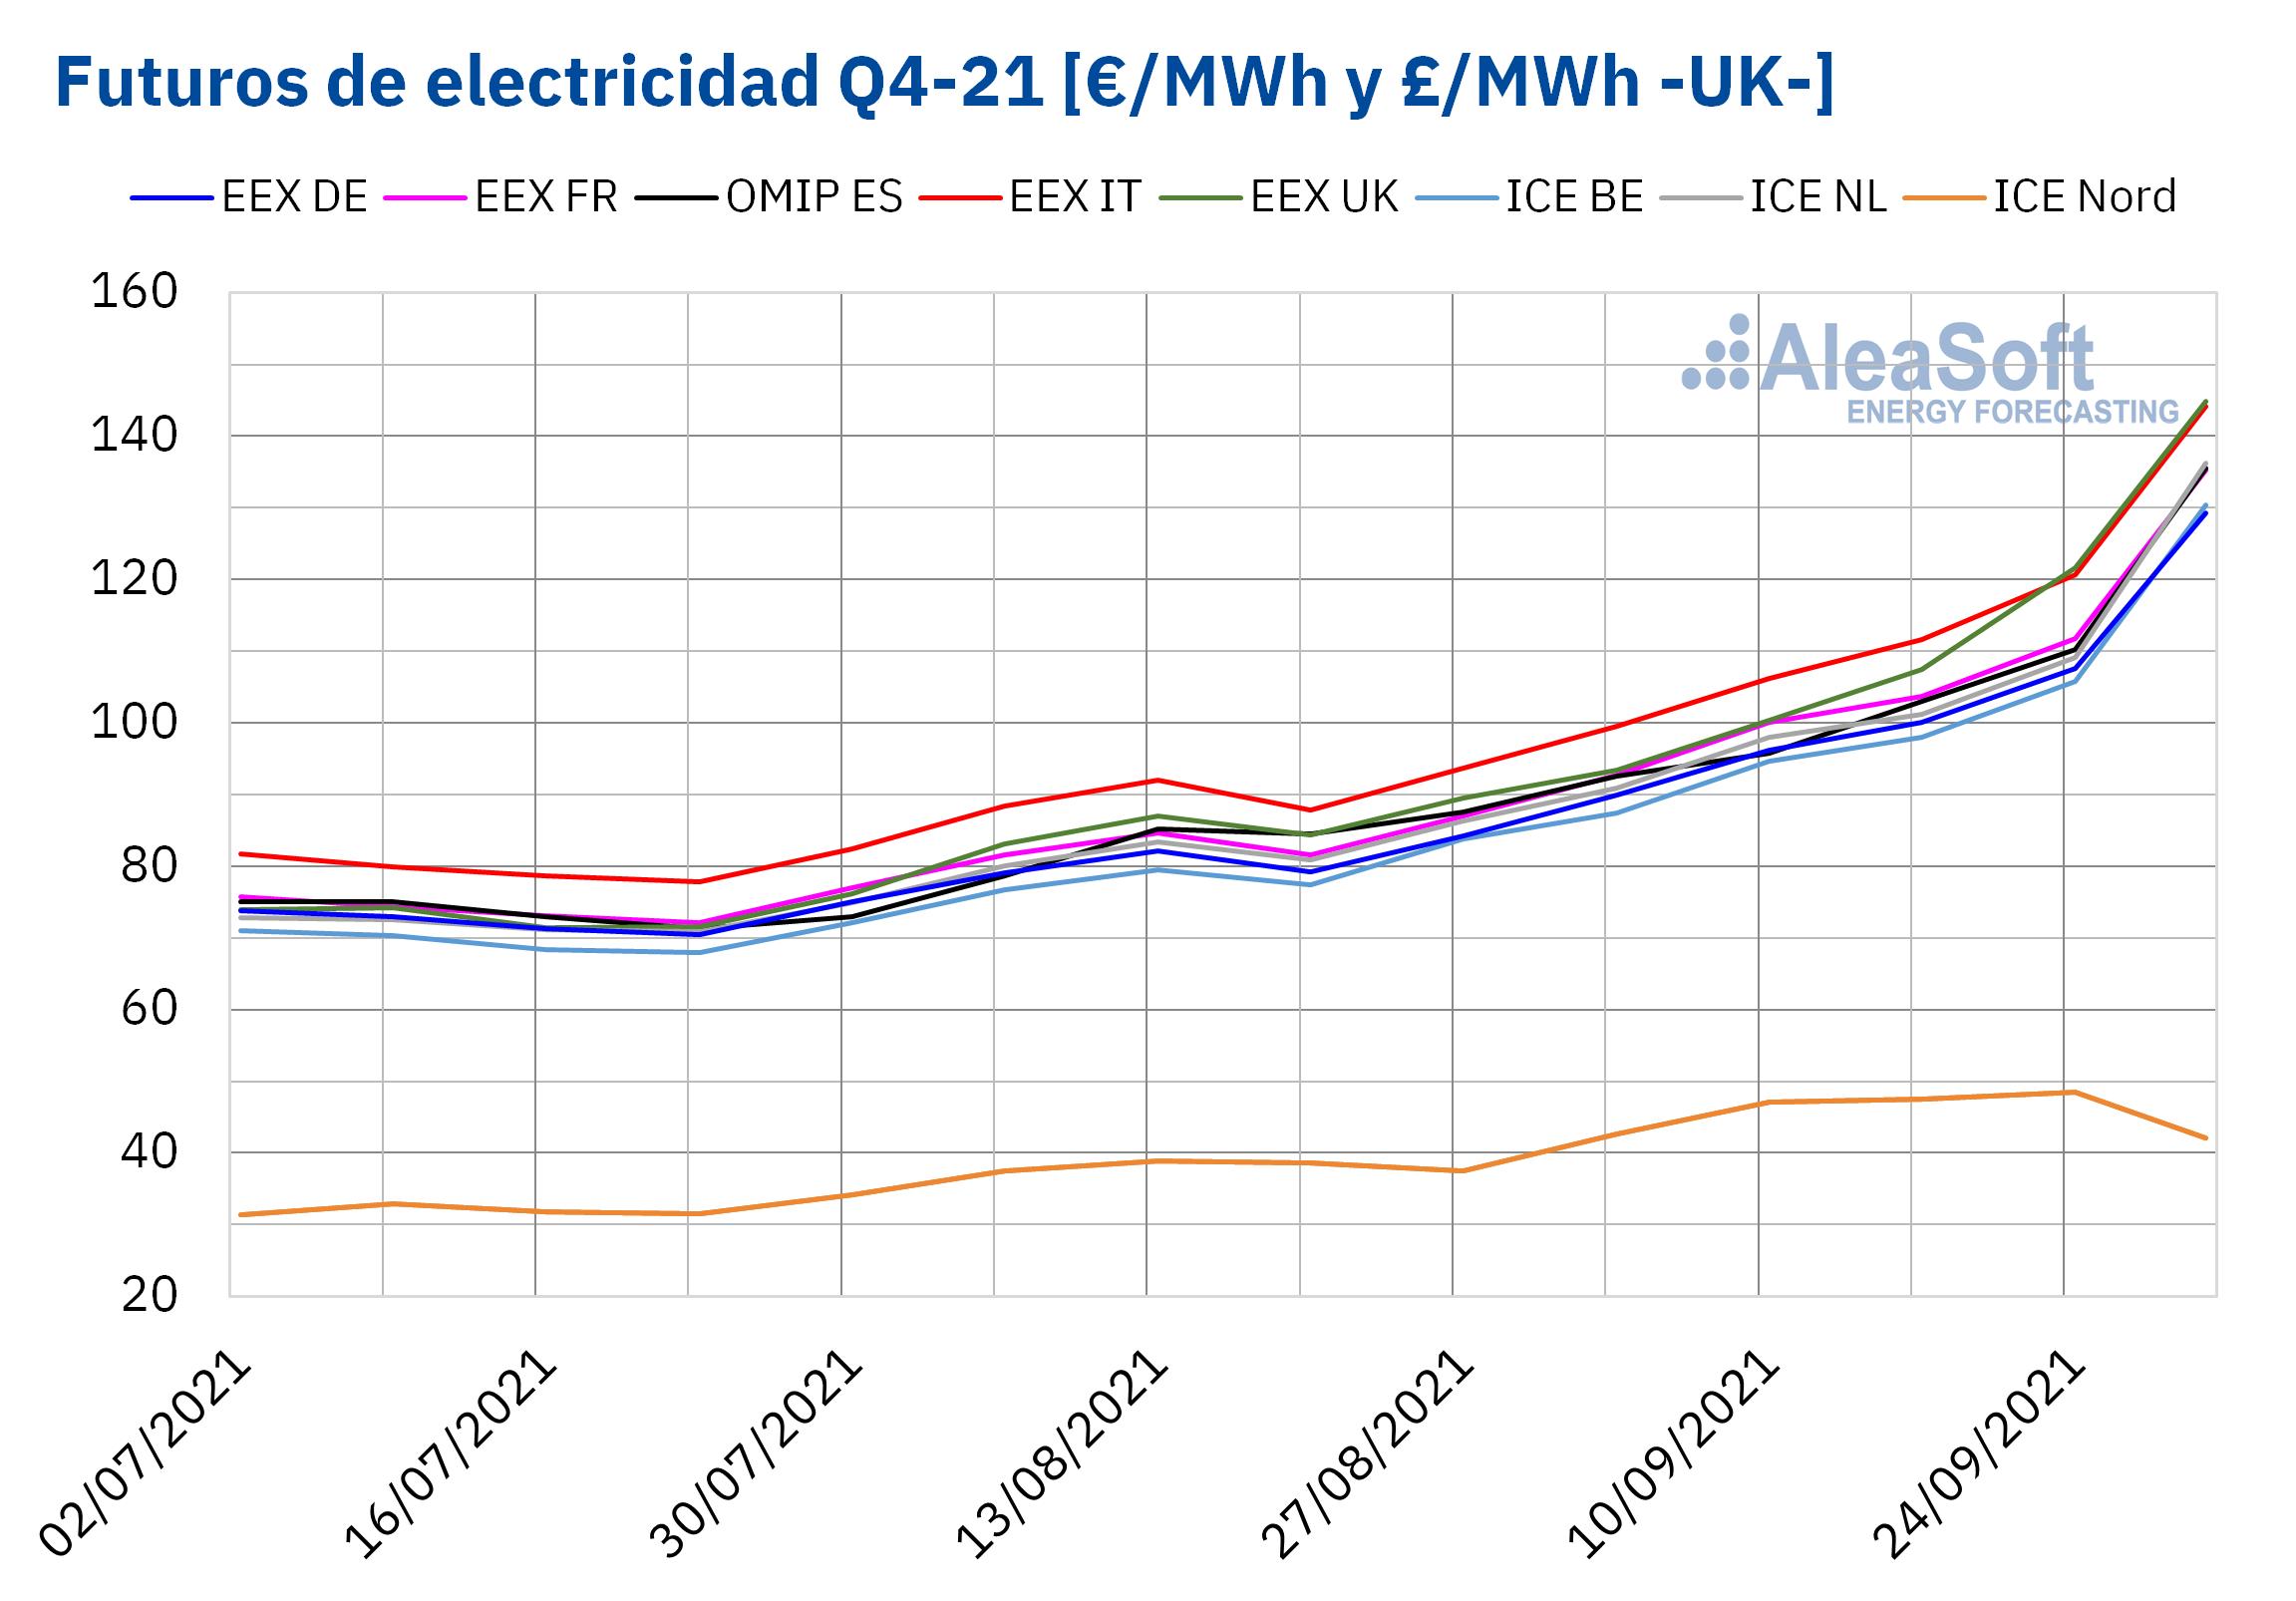 AleaSoft - futuros electricidad q4 21